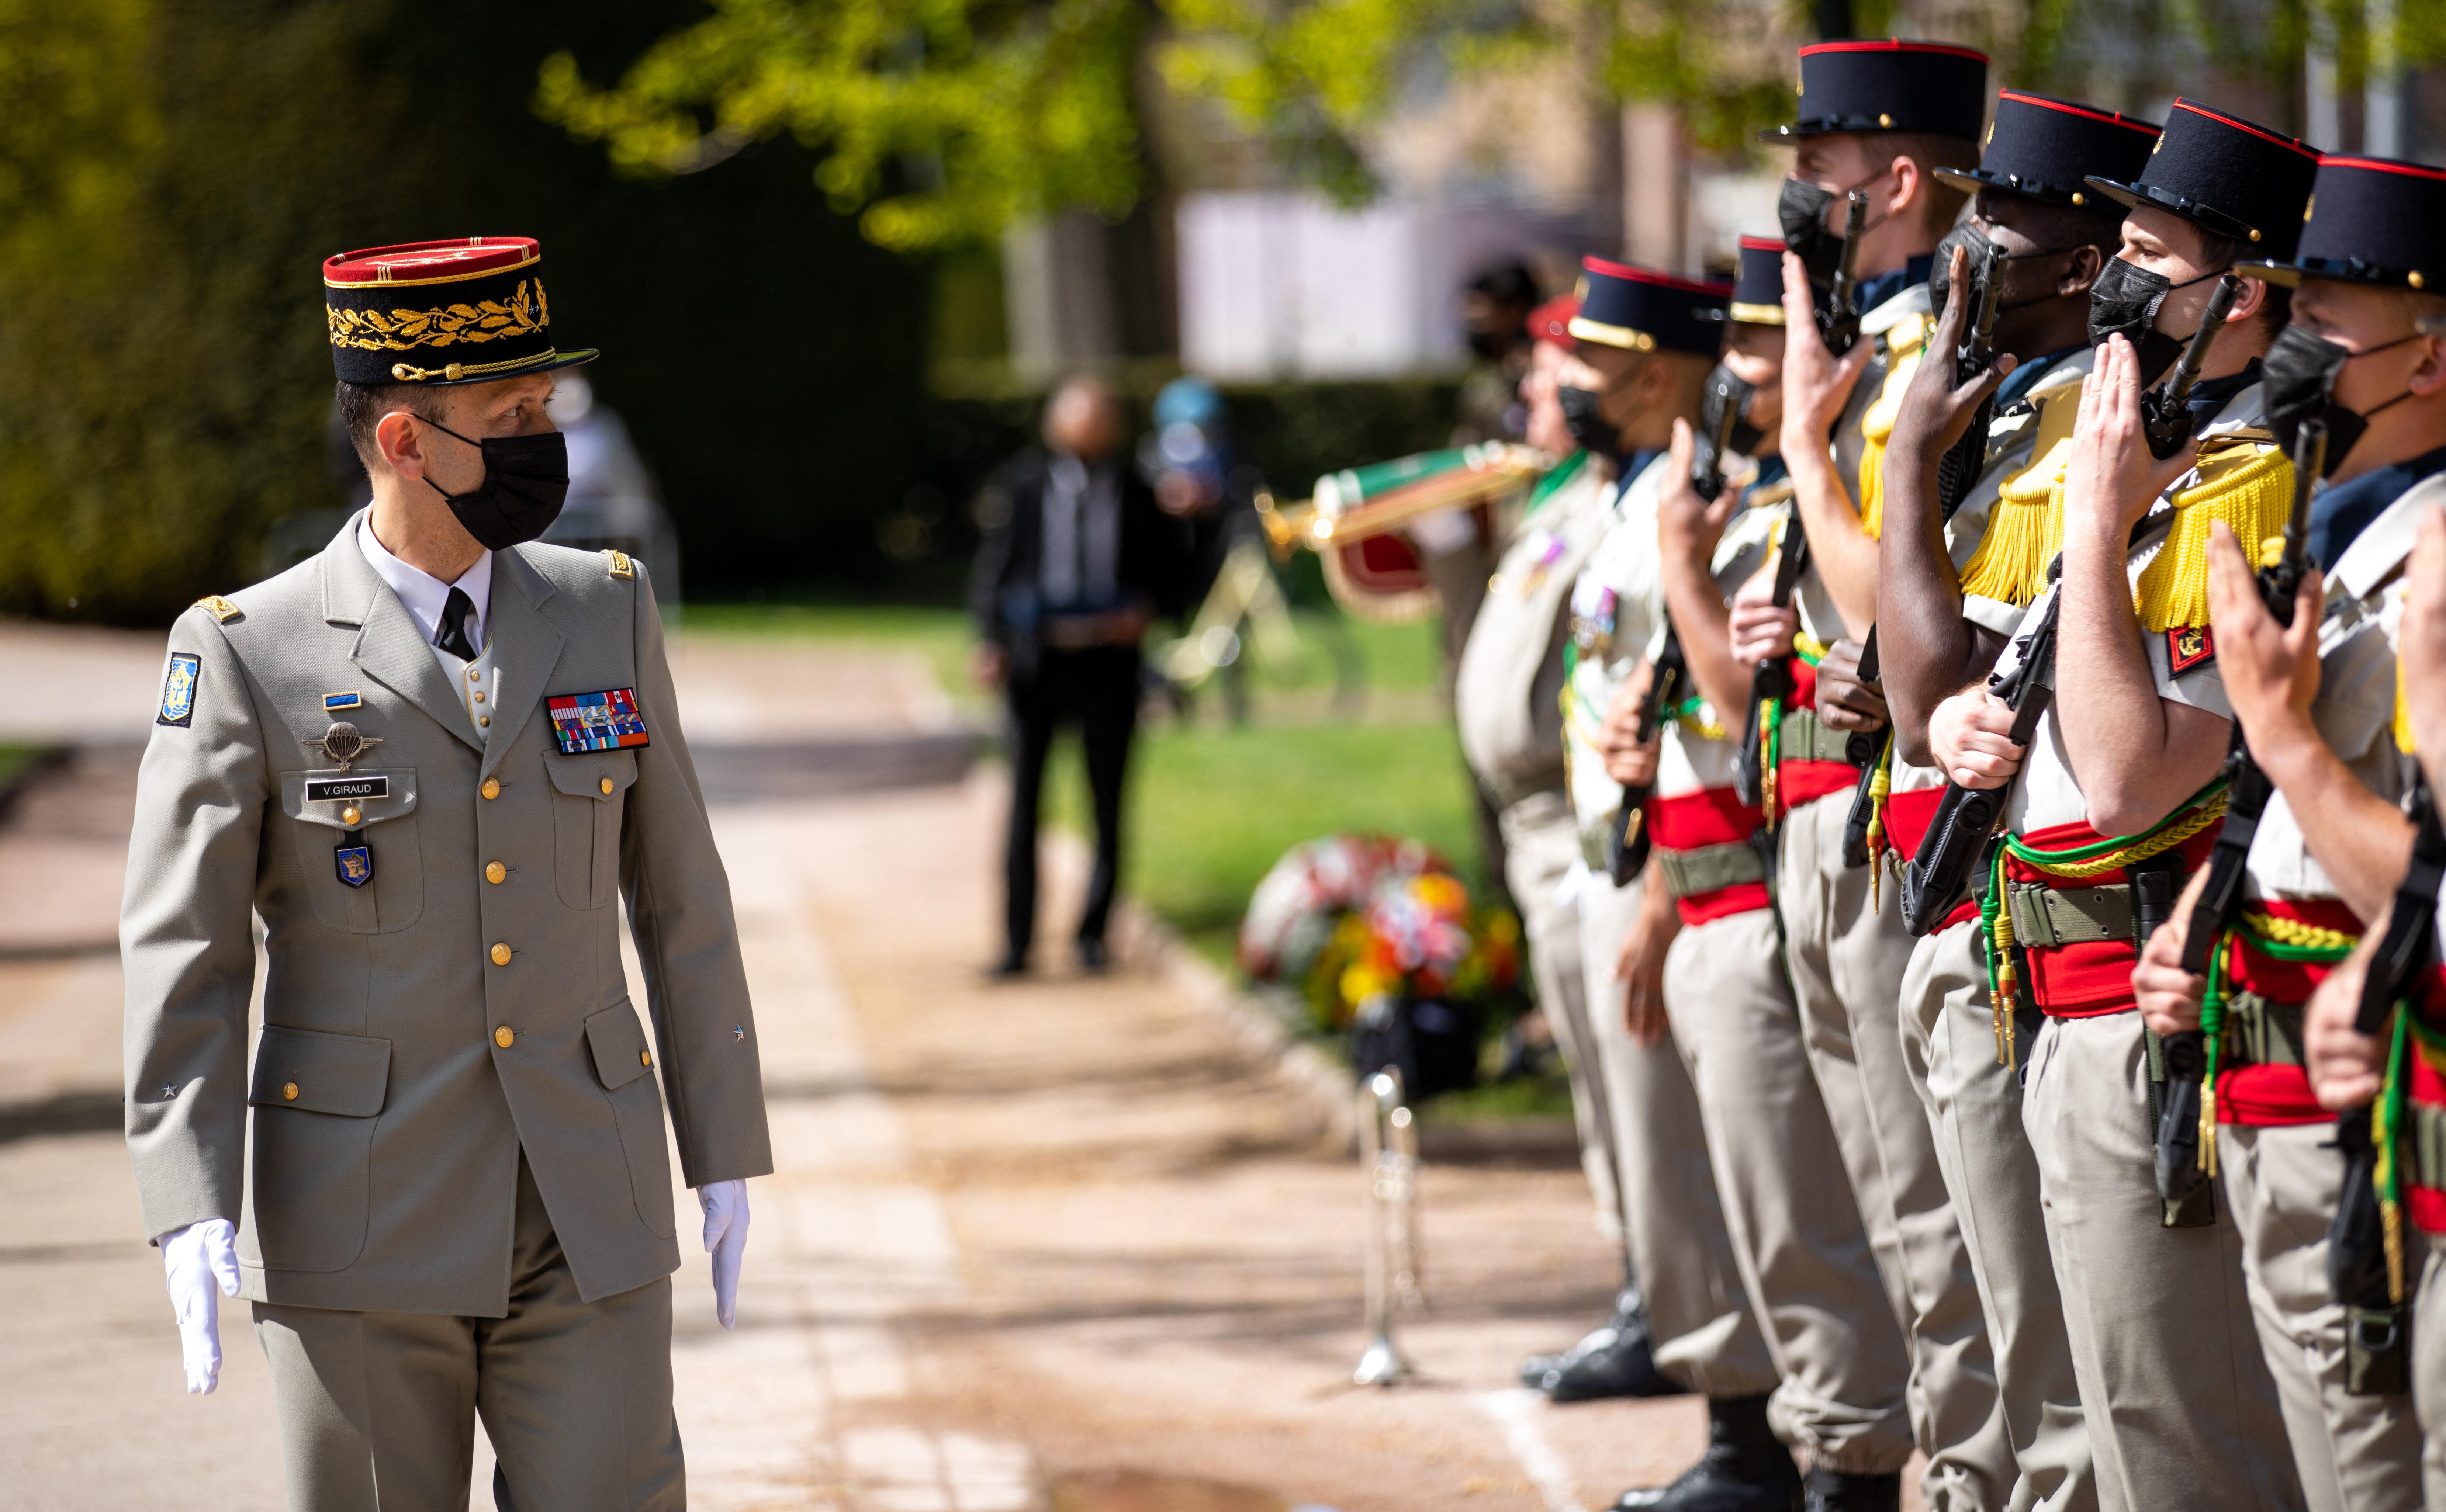 Újabb levélben riogatnak polgárháborúval francia katonák